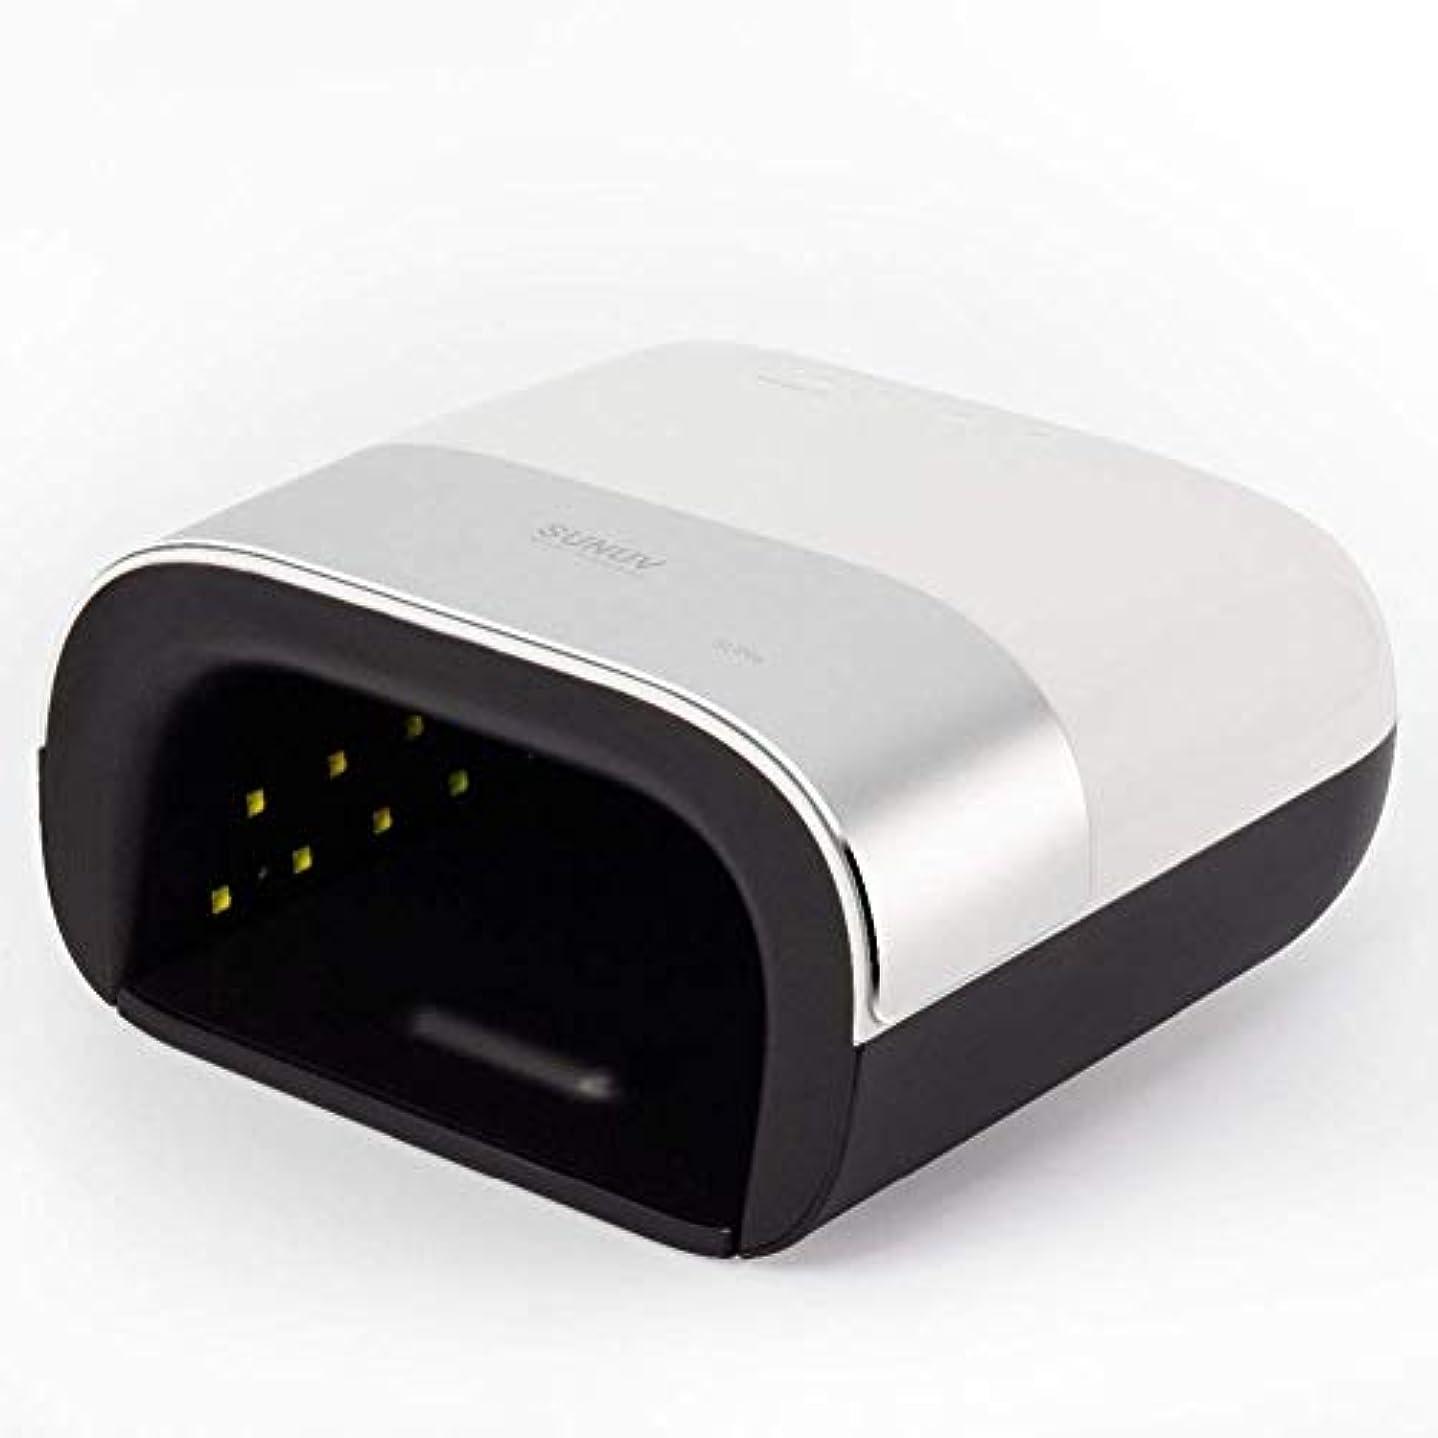 許さない遅らせるシチリアネイルドライヤーネイルドライヤースマート2.0 48W UV LEDランプネイルスマートタイマーメモリ見えないデジタルタイマーディスプレイネイル乾燥機、画像としての色